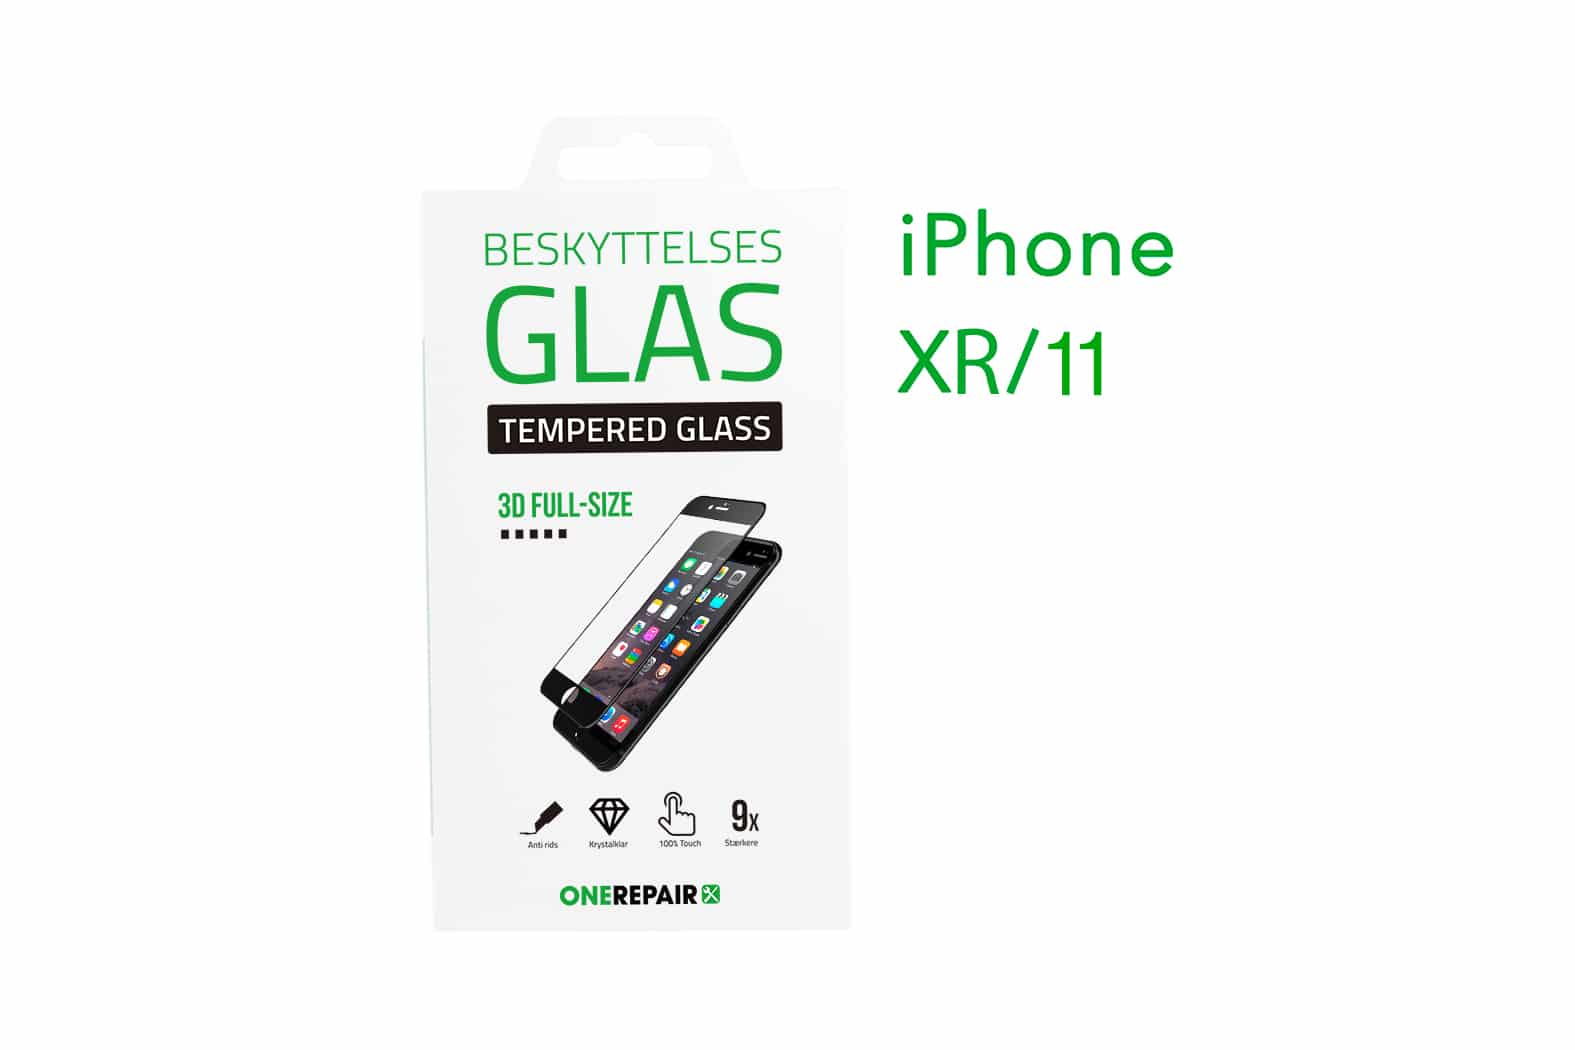 351280_iPhone_XR_11_Fullsize_Full_Size_3D_Beskyttelses_glas_Panser_Panzer_Tempered_Glass_OneRepair_00001